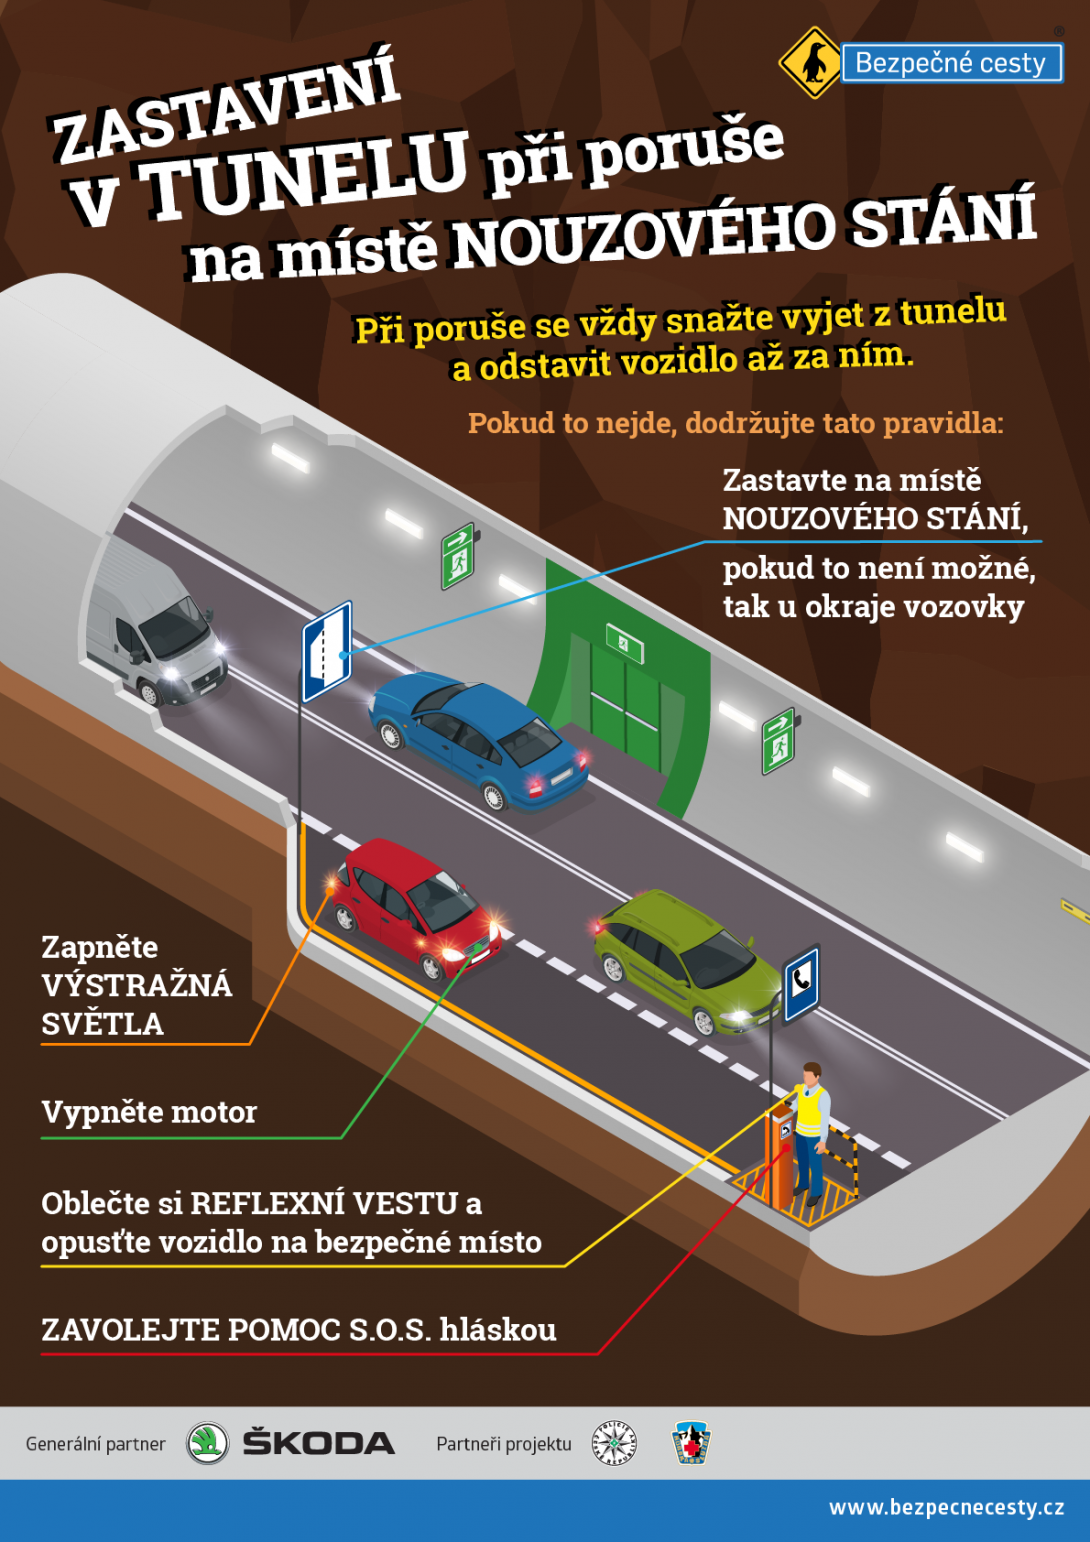 Zastavení v tunelu při poruše v prostoru pro nouzové stání - infografika